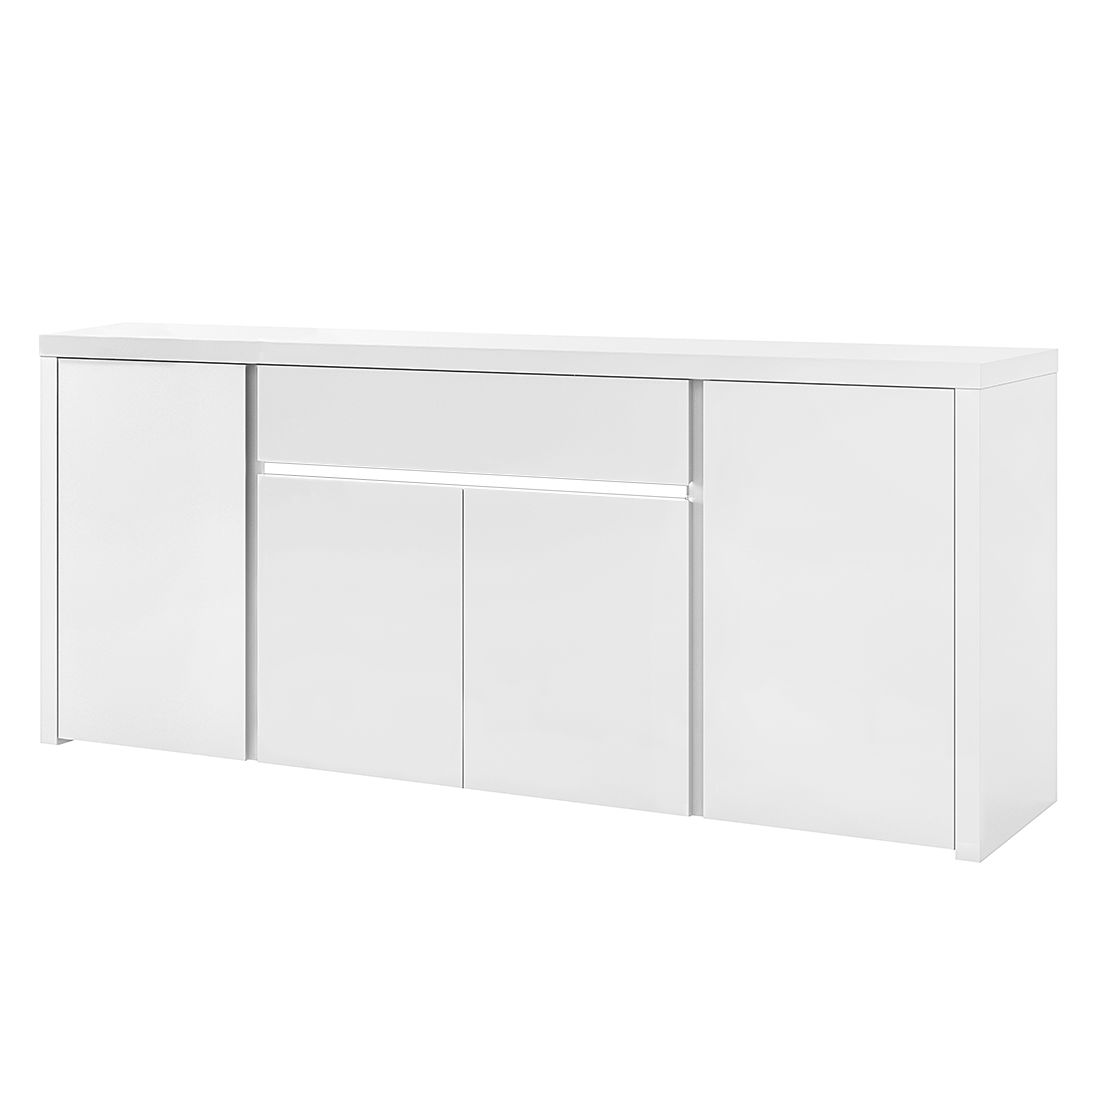 sideboard 50 cm tief sonstige preisvergleiche erfahrungsberichte und kauf bei nextag. Black Bedroom Furniture Sets. Home Design Ideas